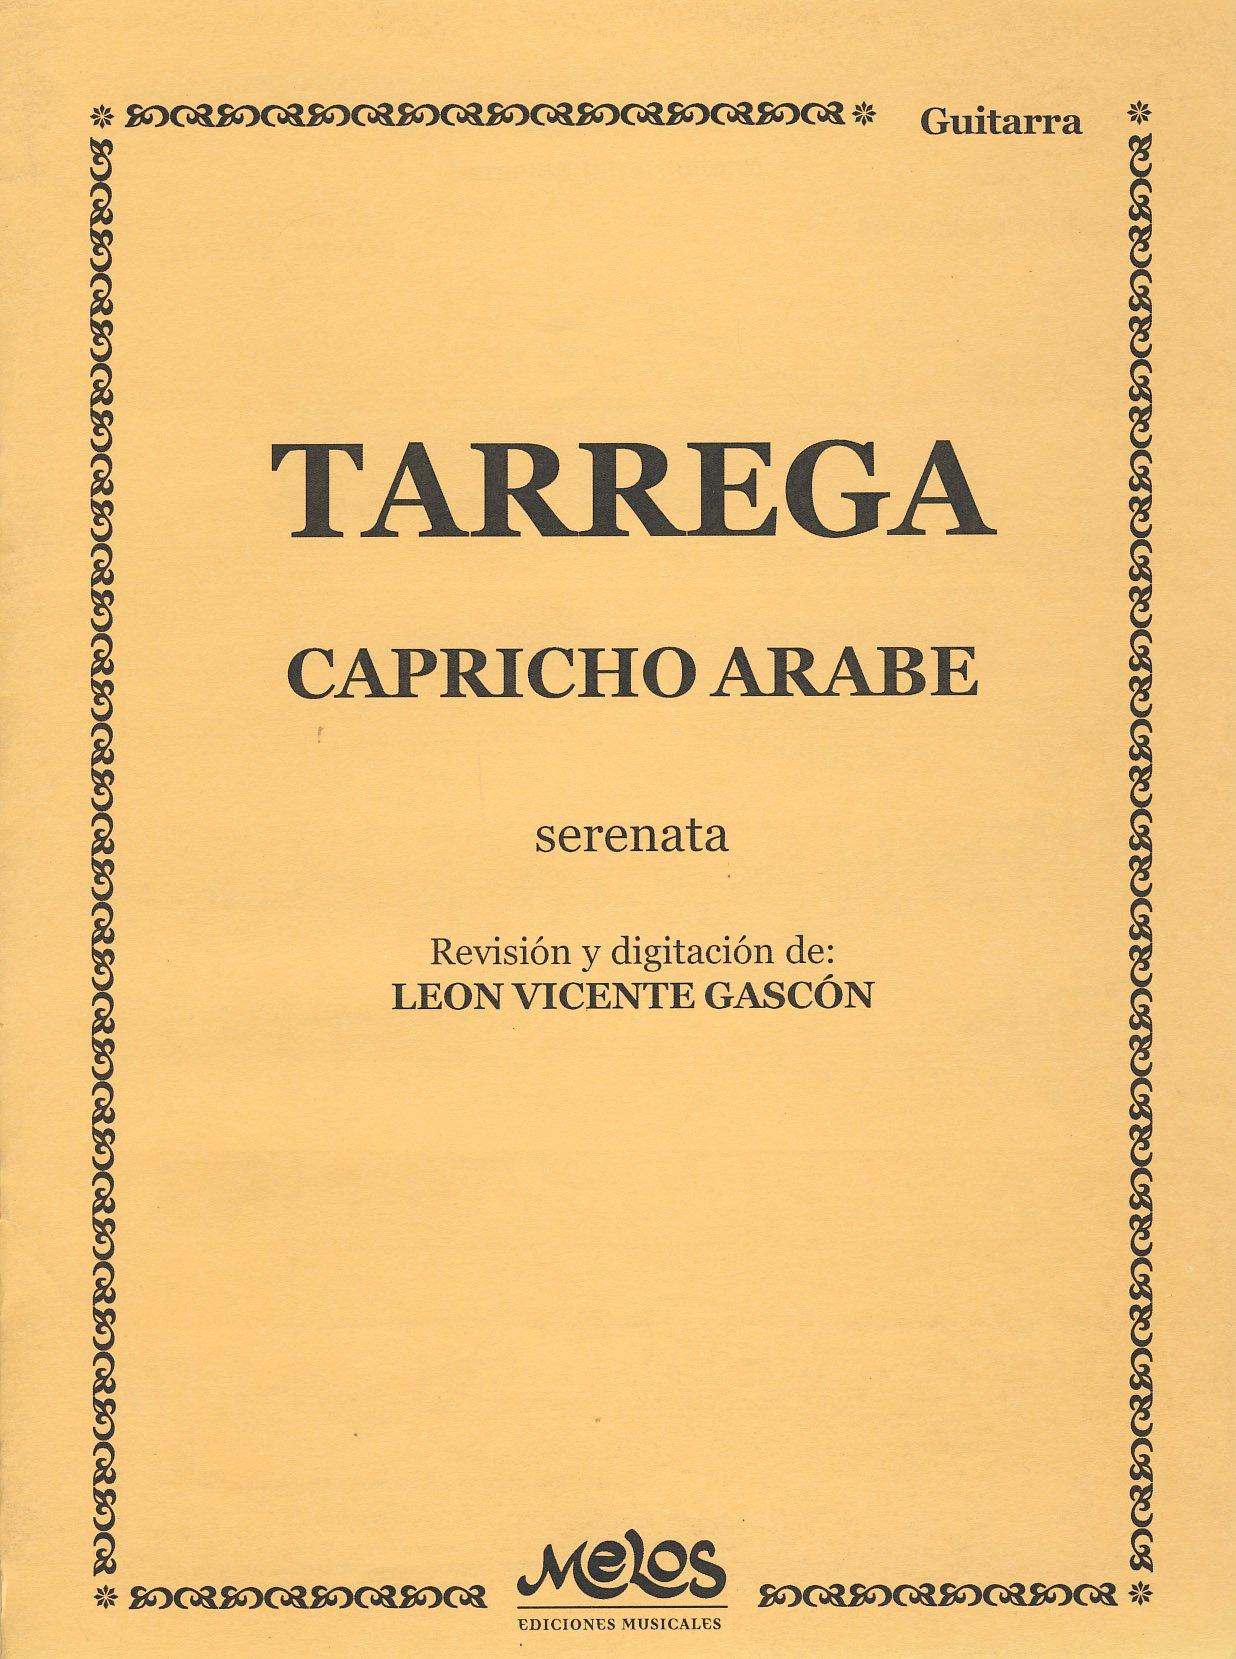 TARREGA - Capricho Arabe Serenata para Guitarra Gascon: Amazon.es ...